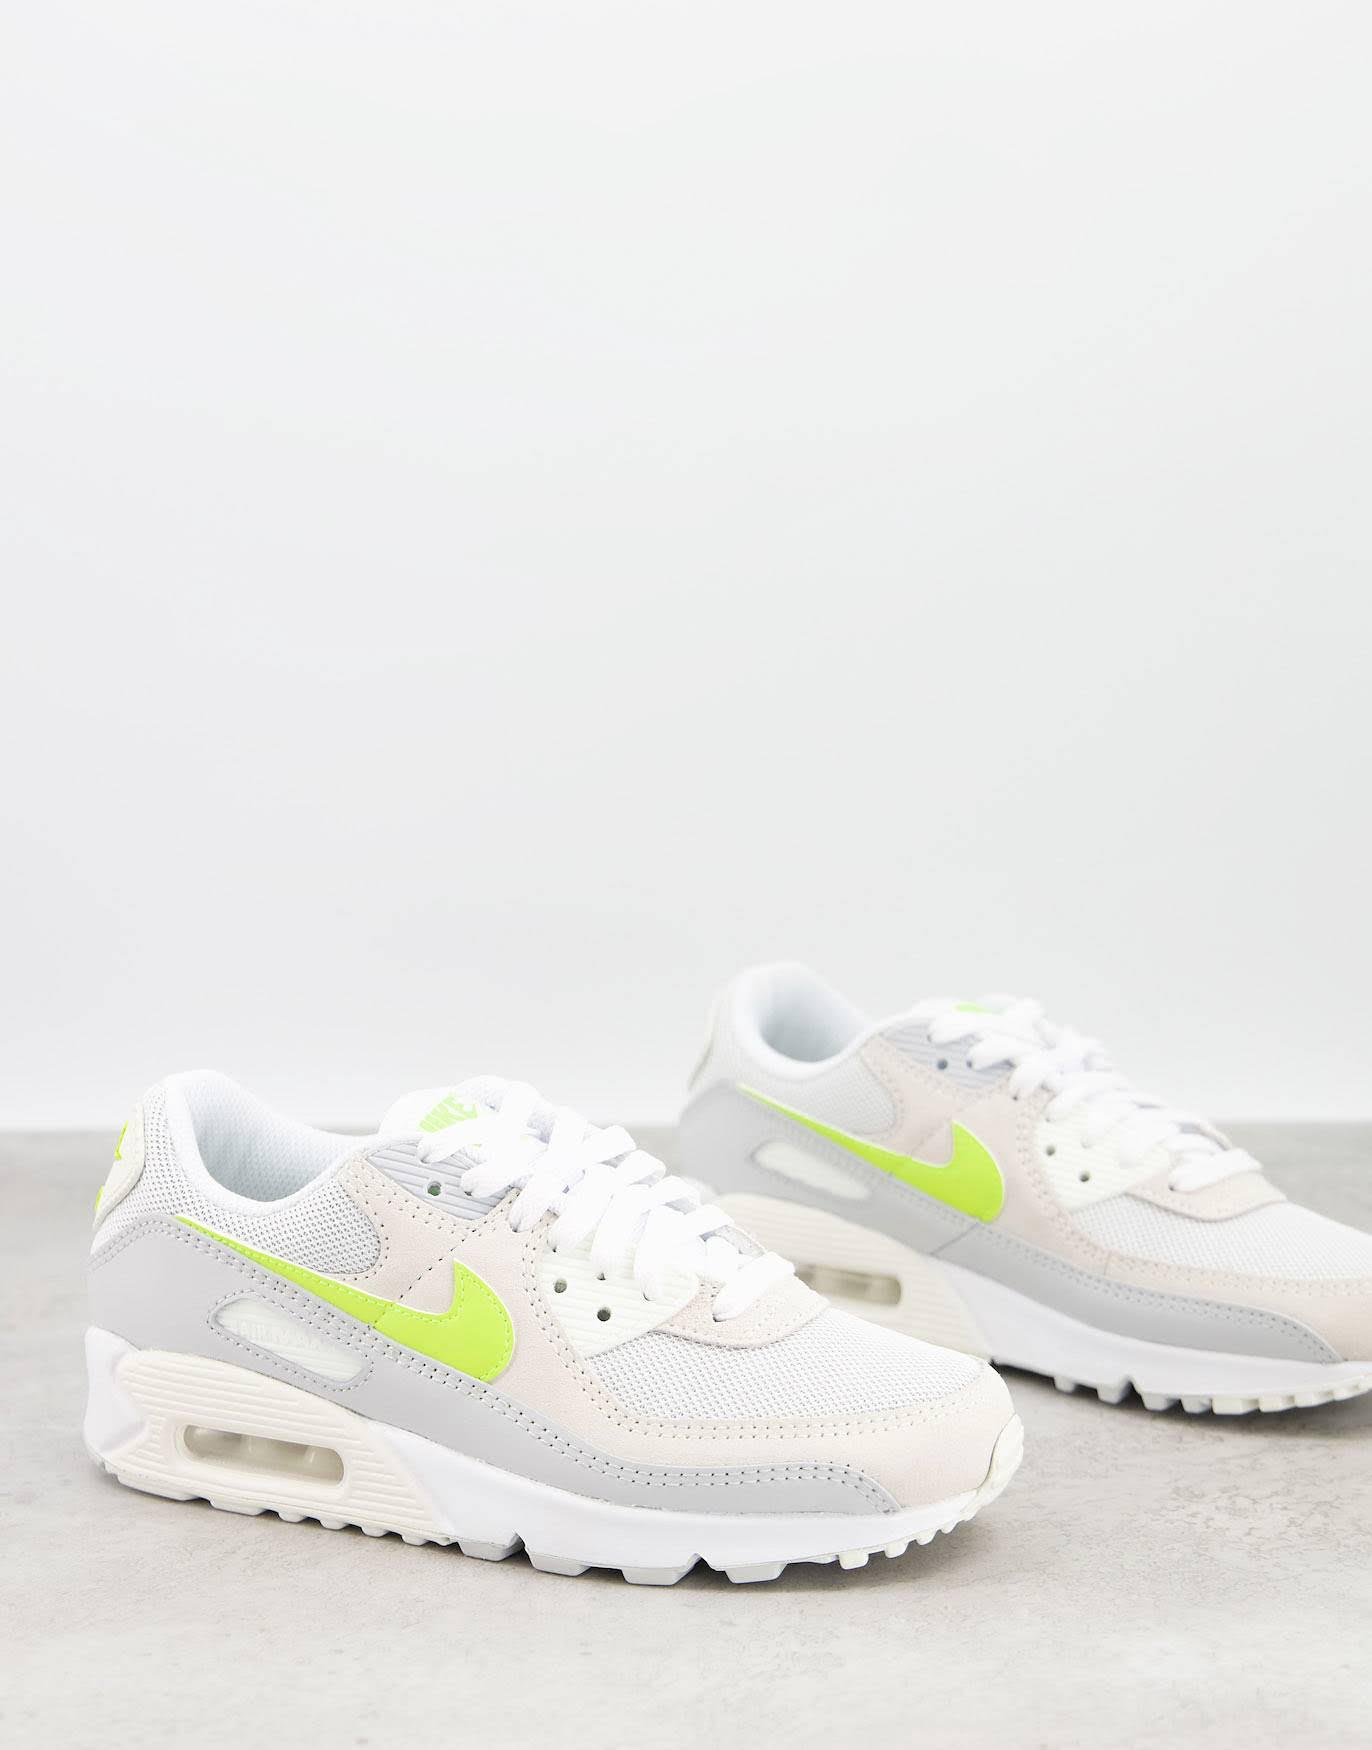 Zapatillas blancas y limón pastel Air Max 90 de Nike